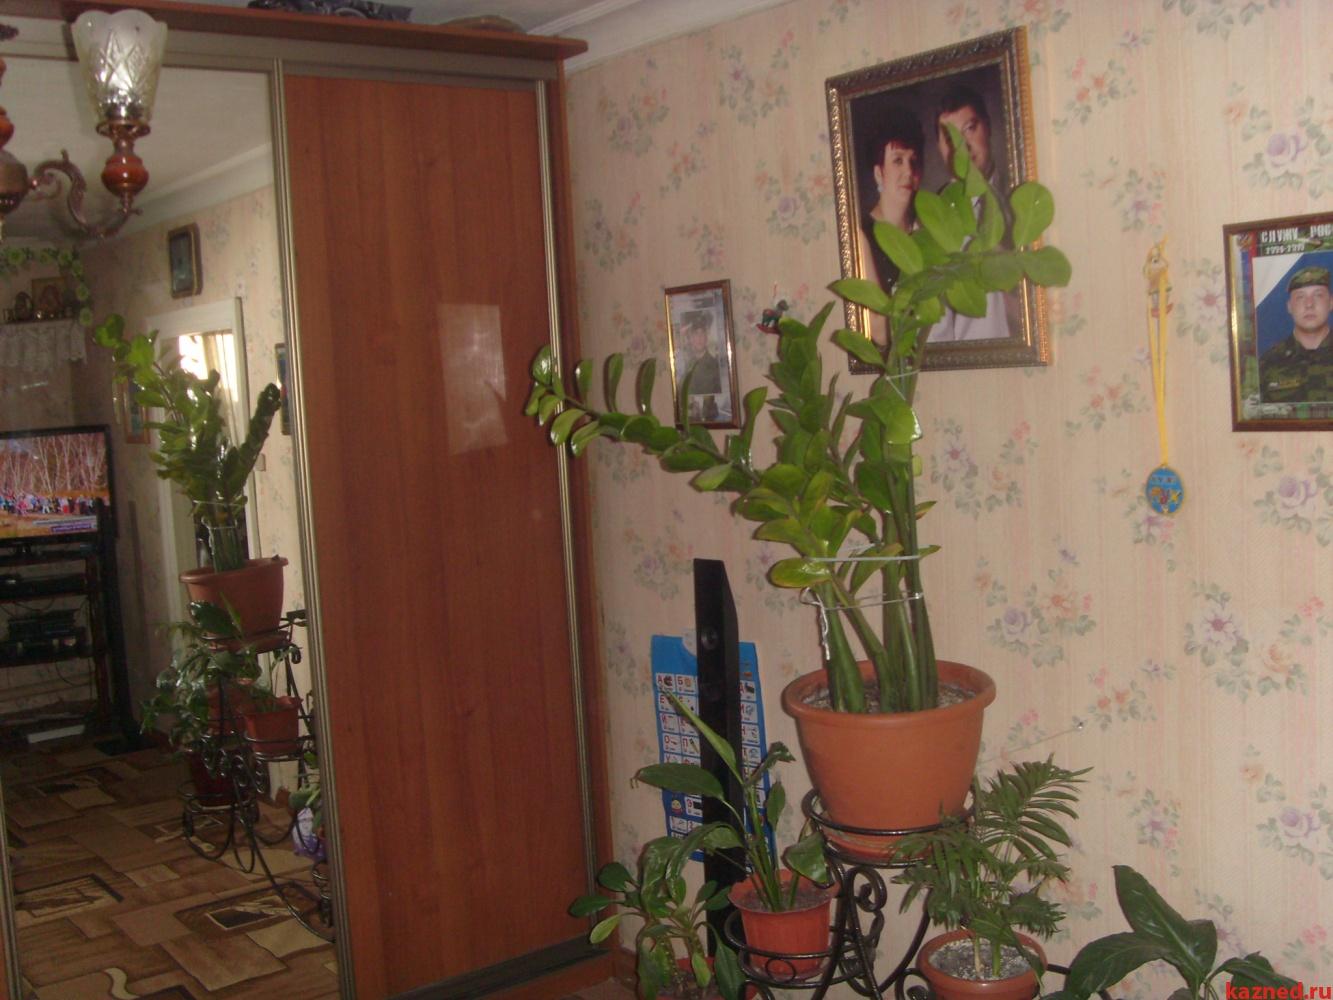 Продажа  Дома Сурикова 22, (Аметьево), 90 м2  (миниатюра №1)